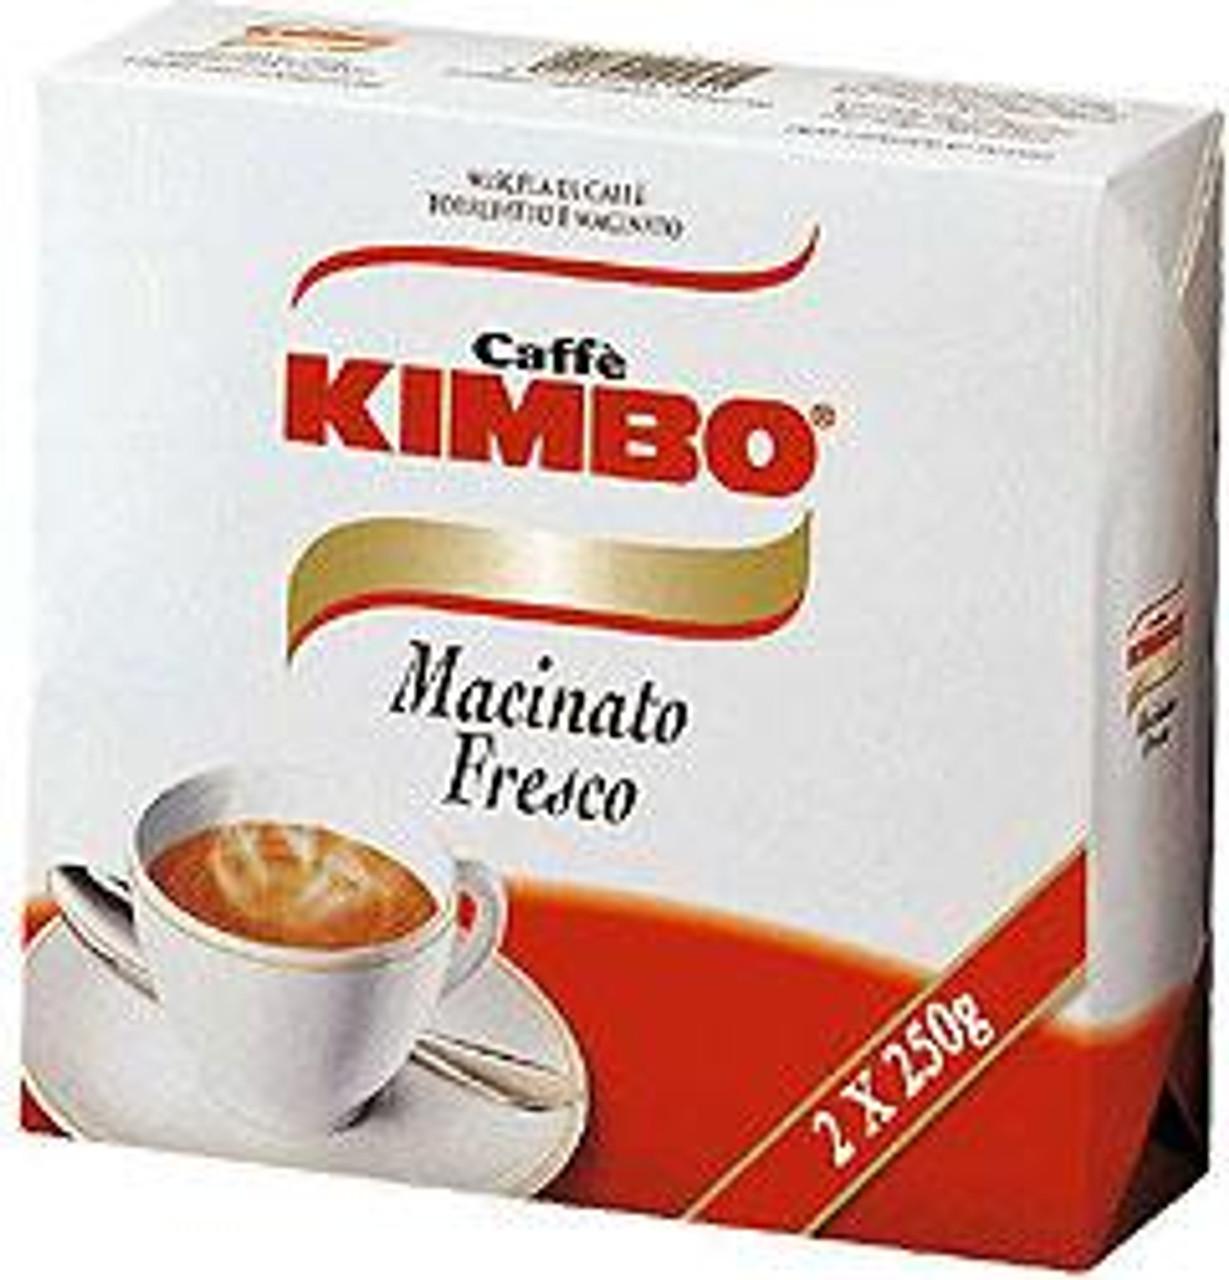 Espresso Macinato Fresco